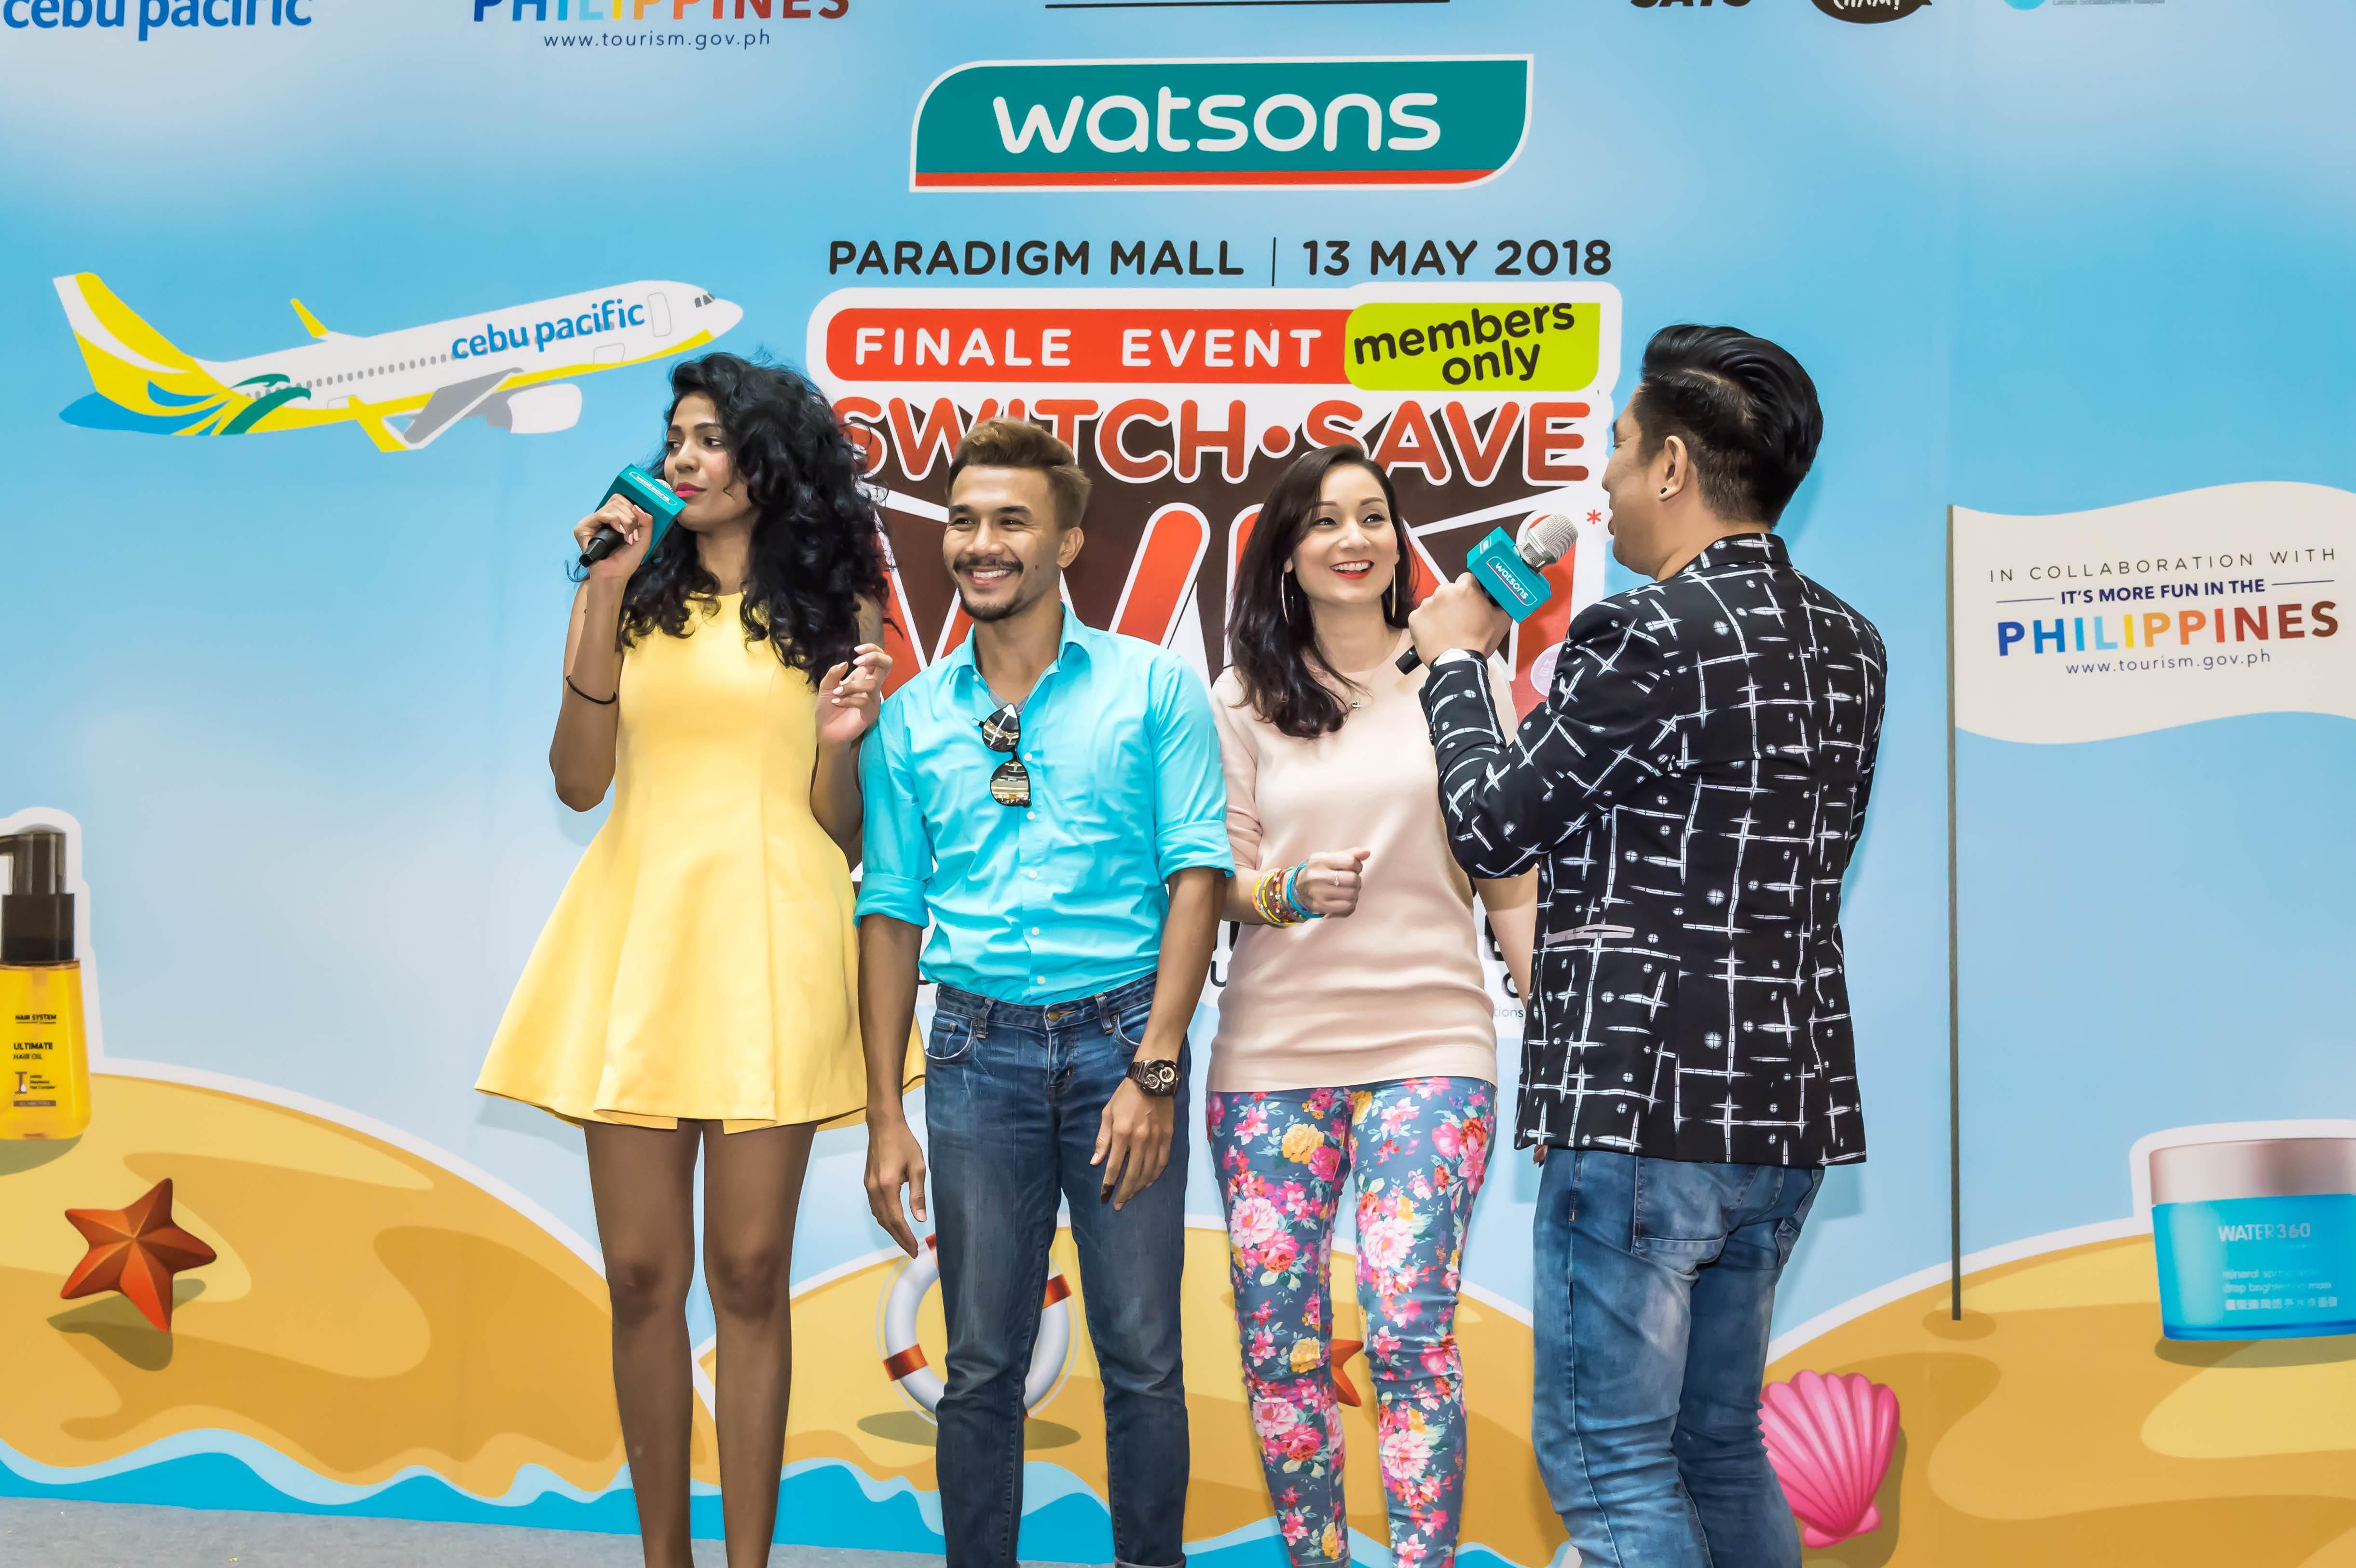 Image from Watsons Malaysia